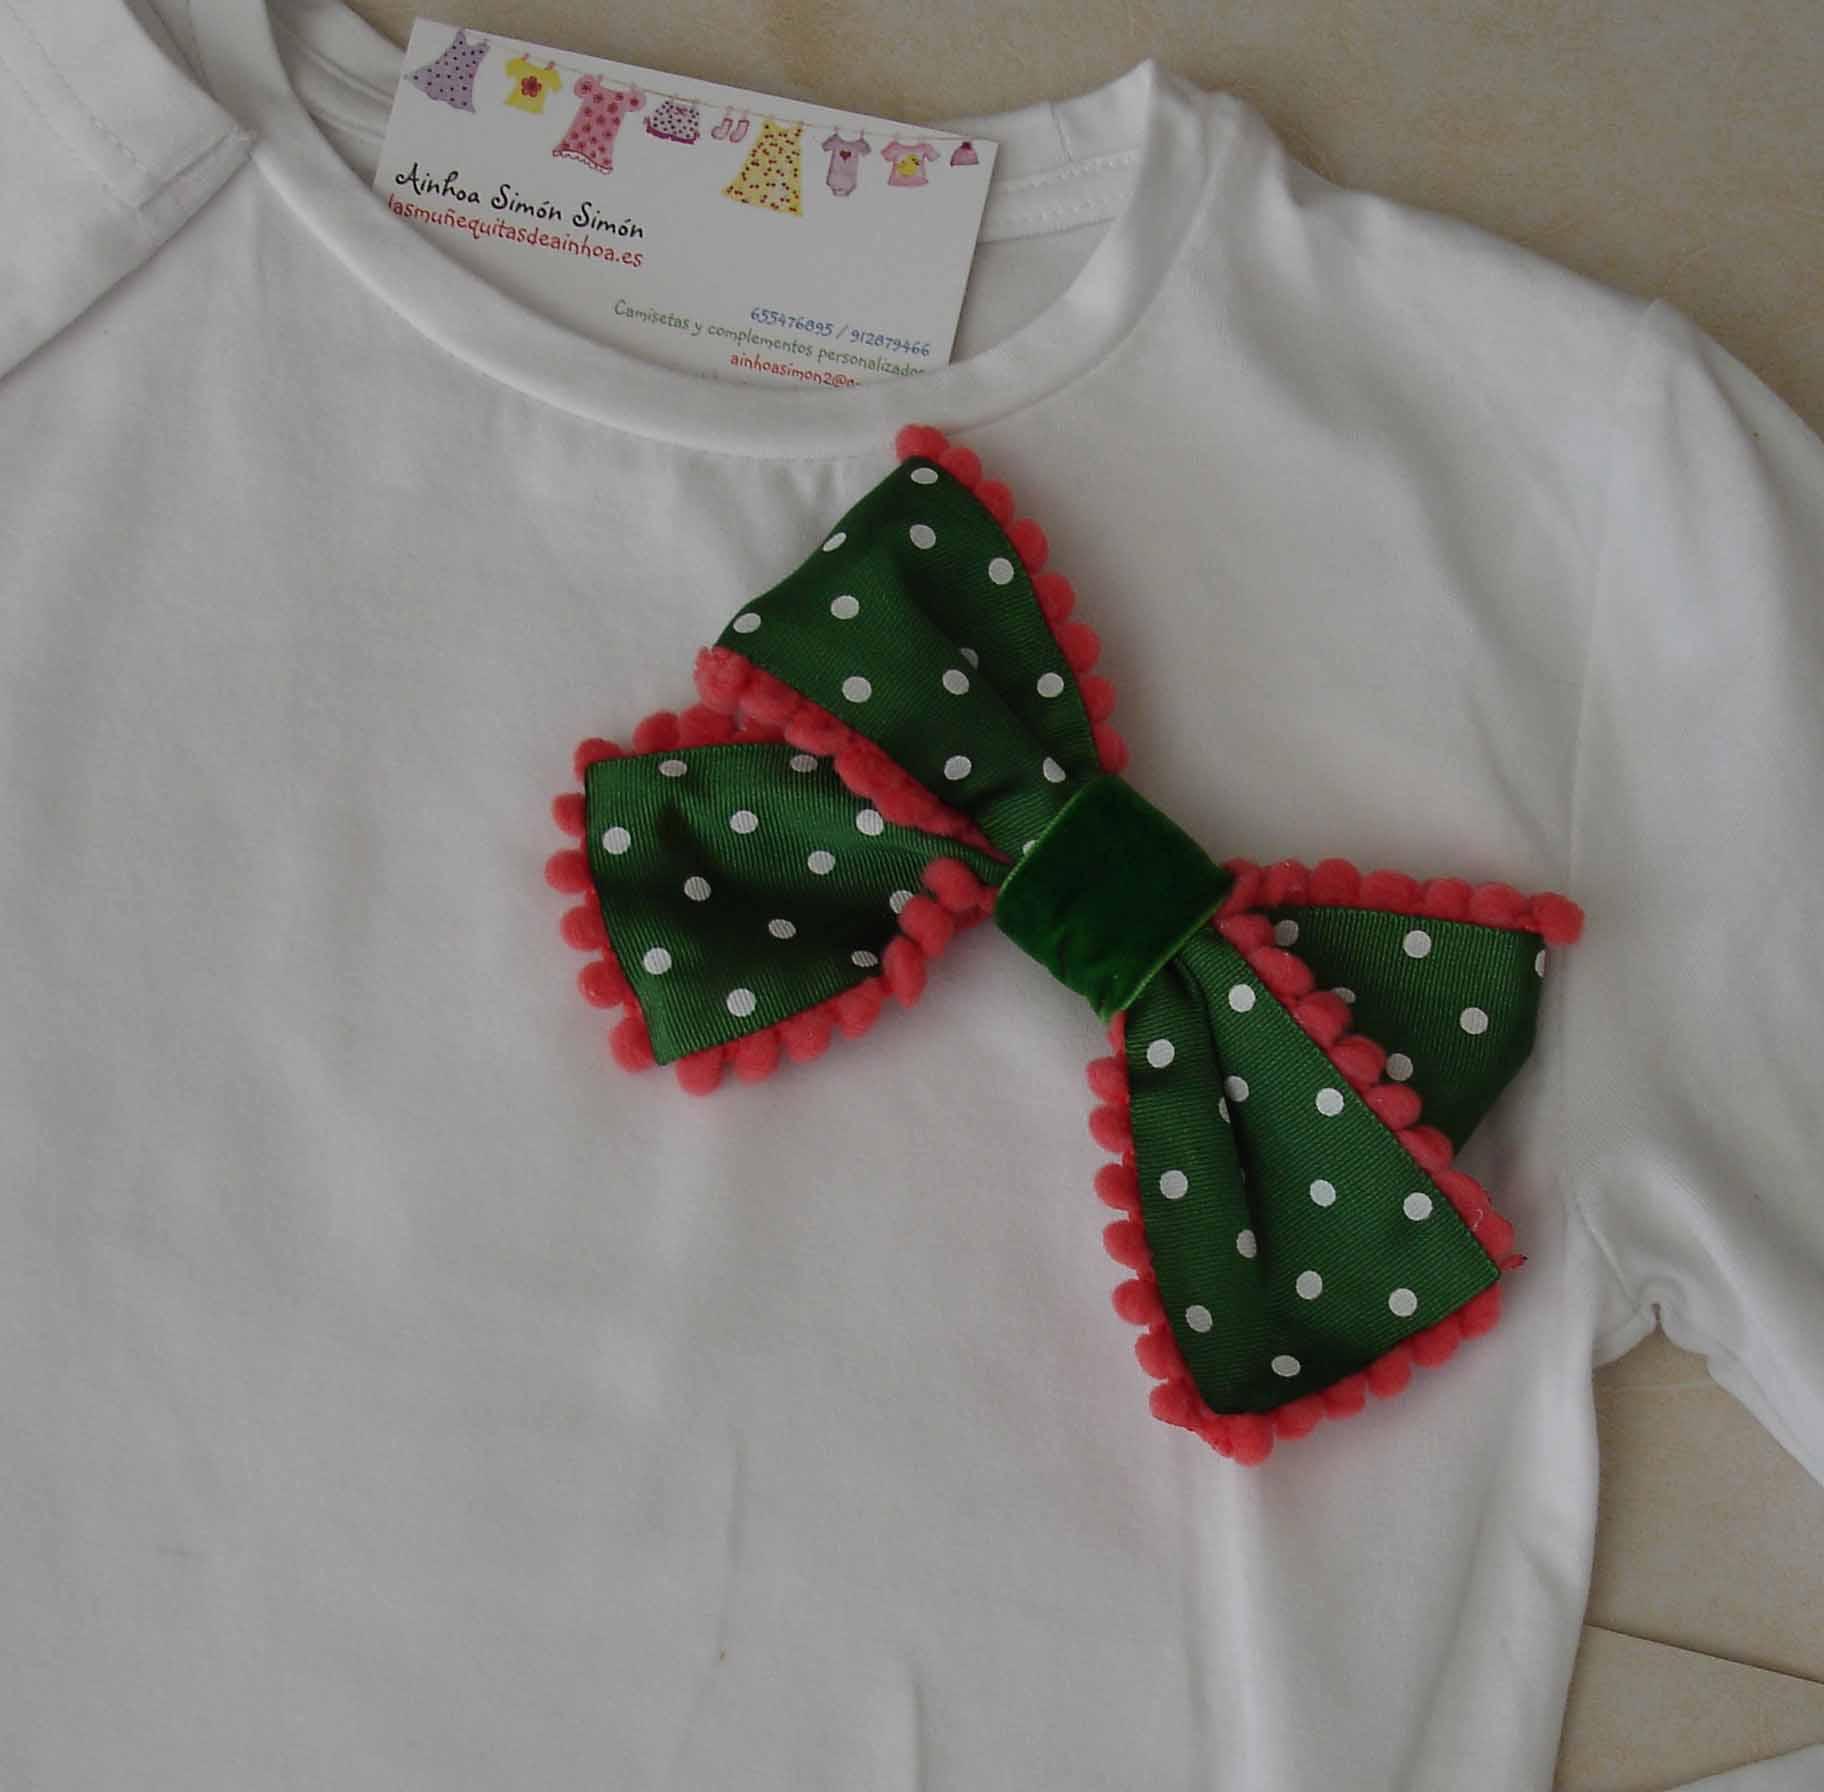 Camiseta coral y verde. Detalle lazo